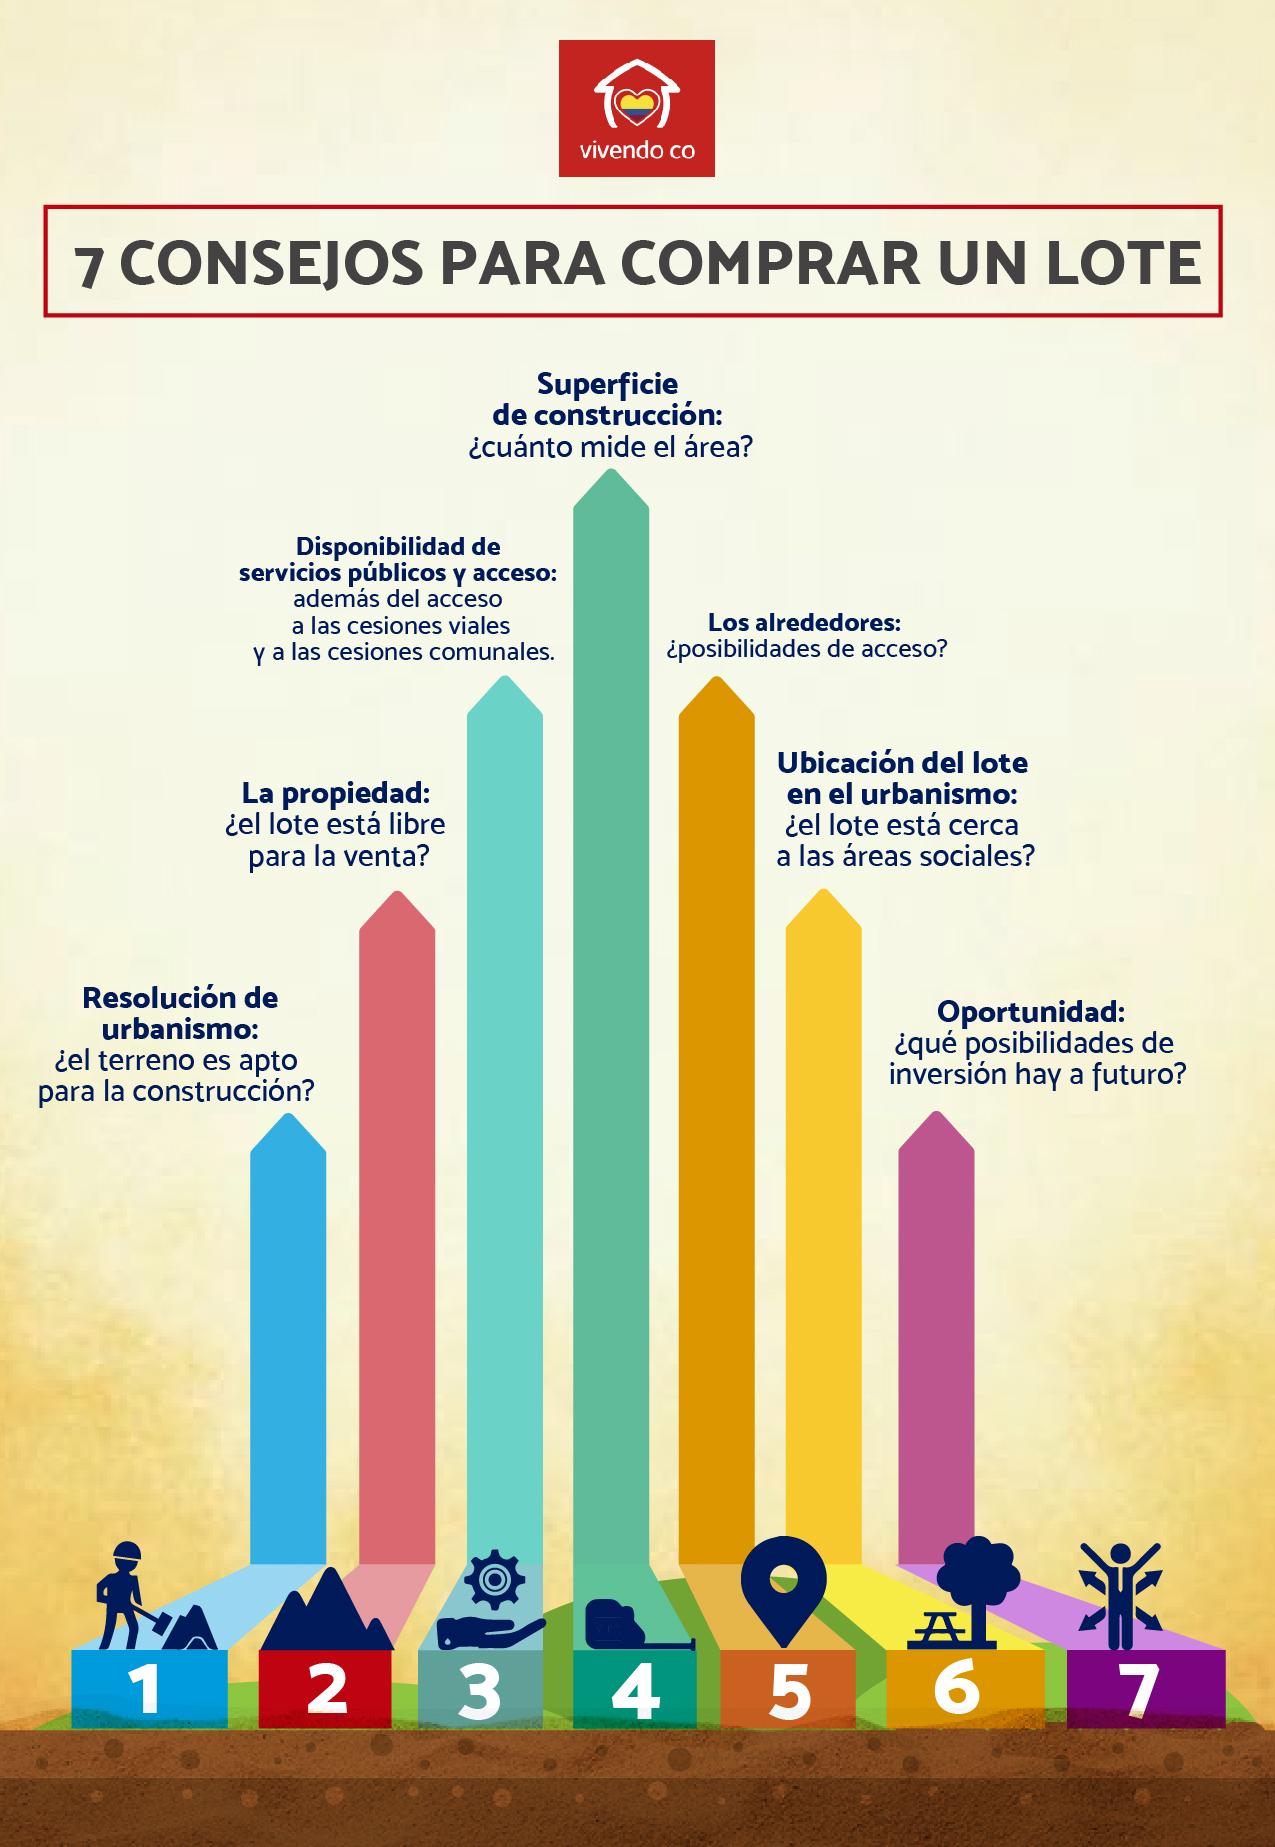 7 Preguntas Clave para Compra un Lote [Infografía] | Vivendo.co